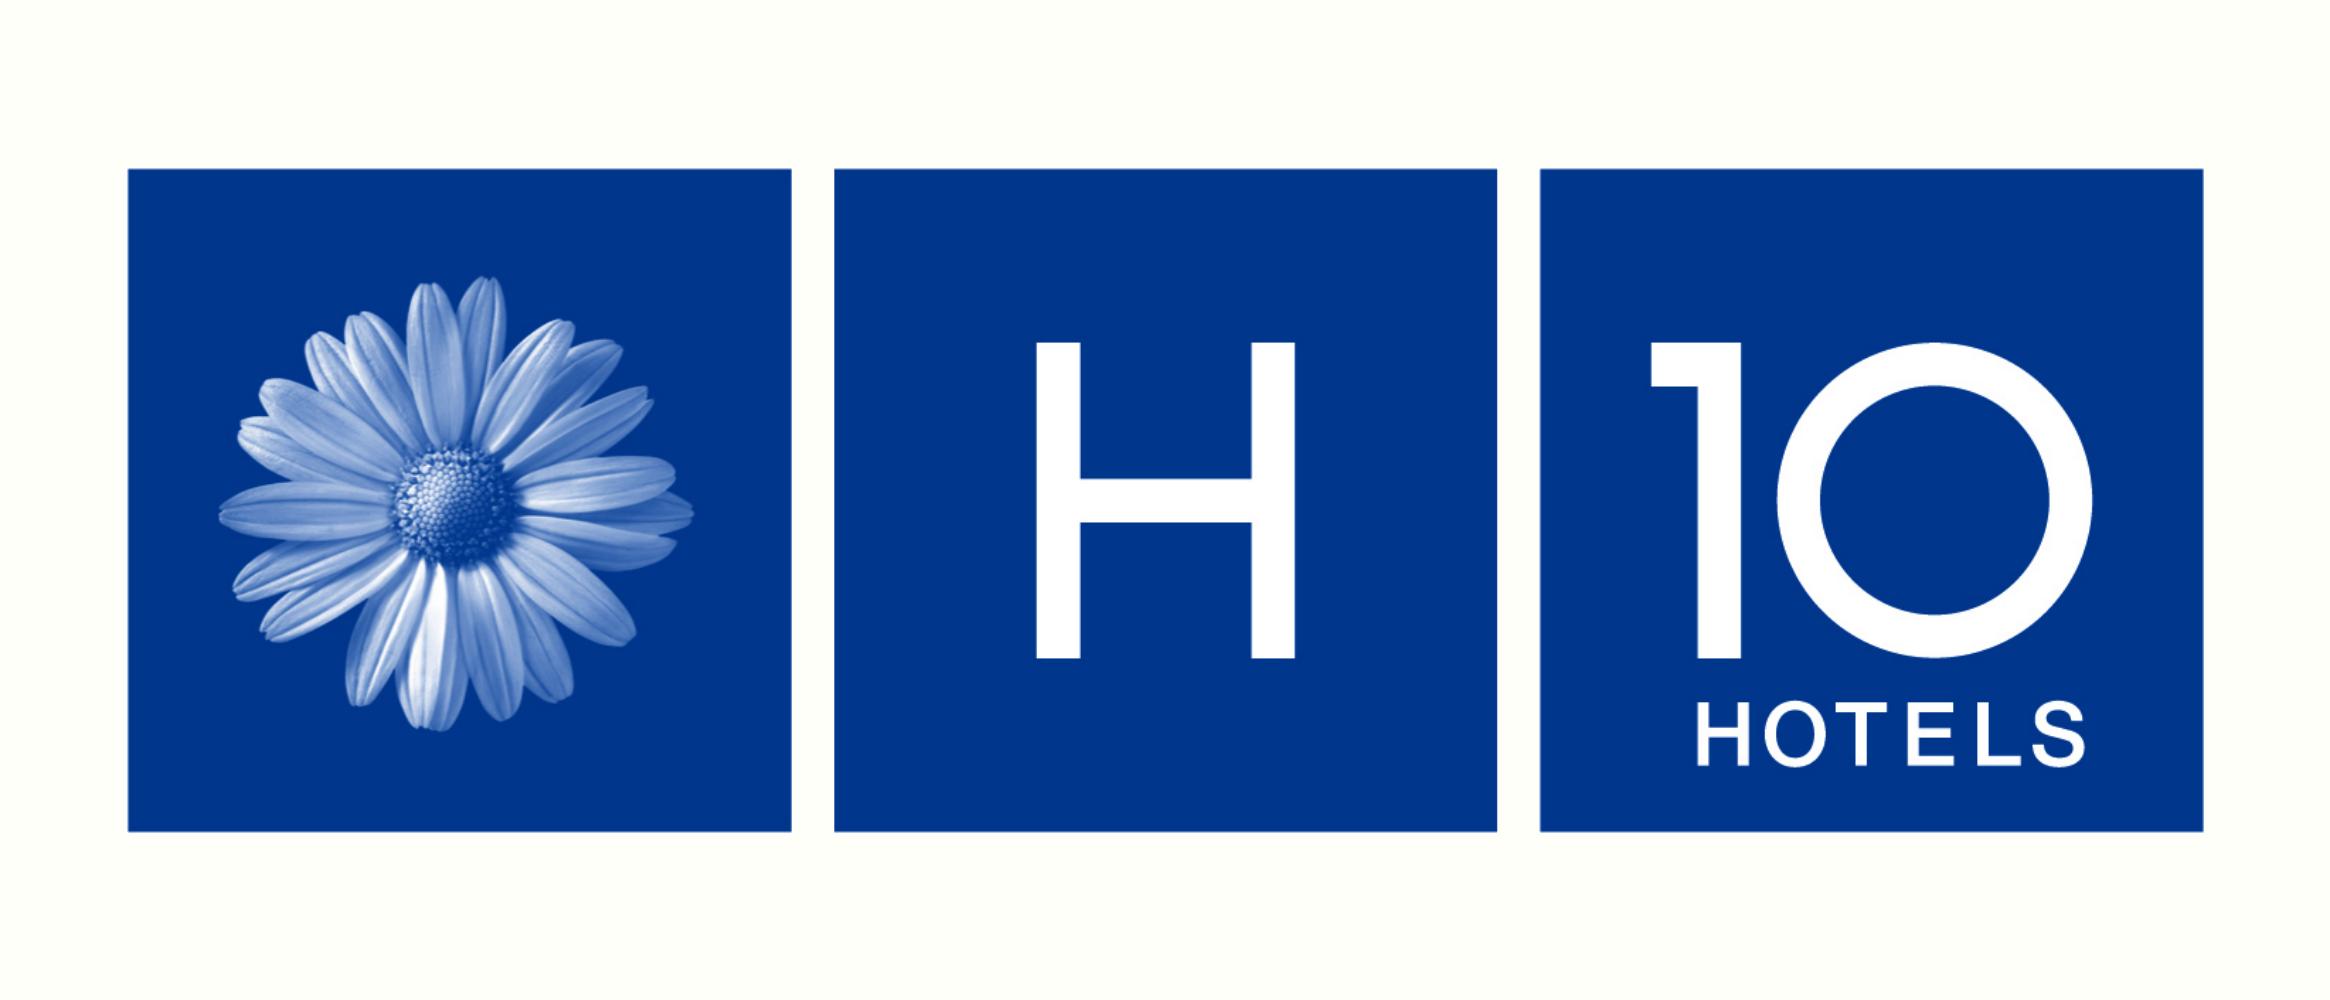 Save 10% at H10 Hotels at H10 Hotels